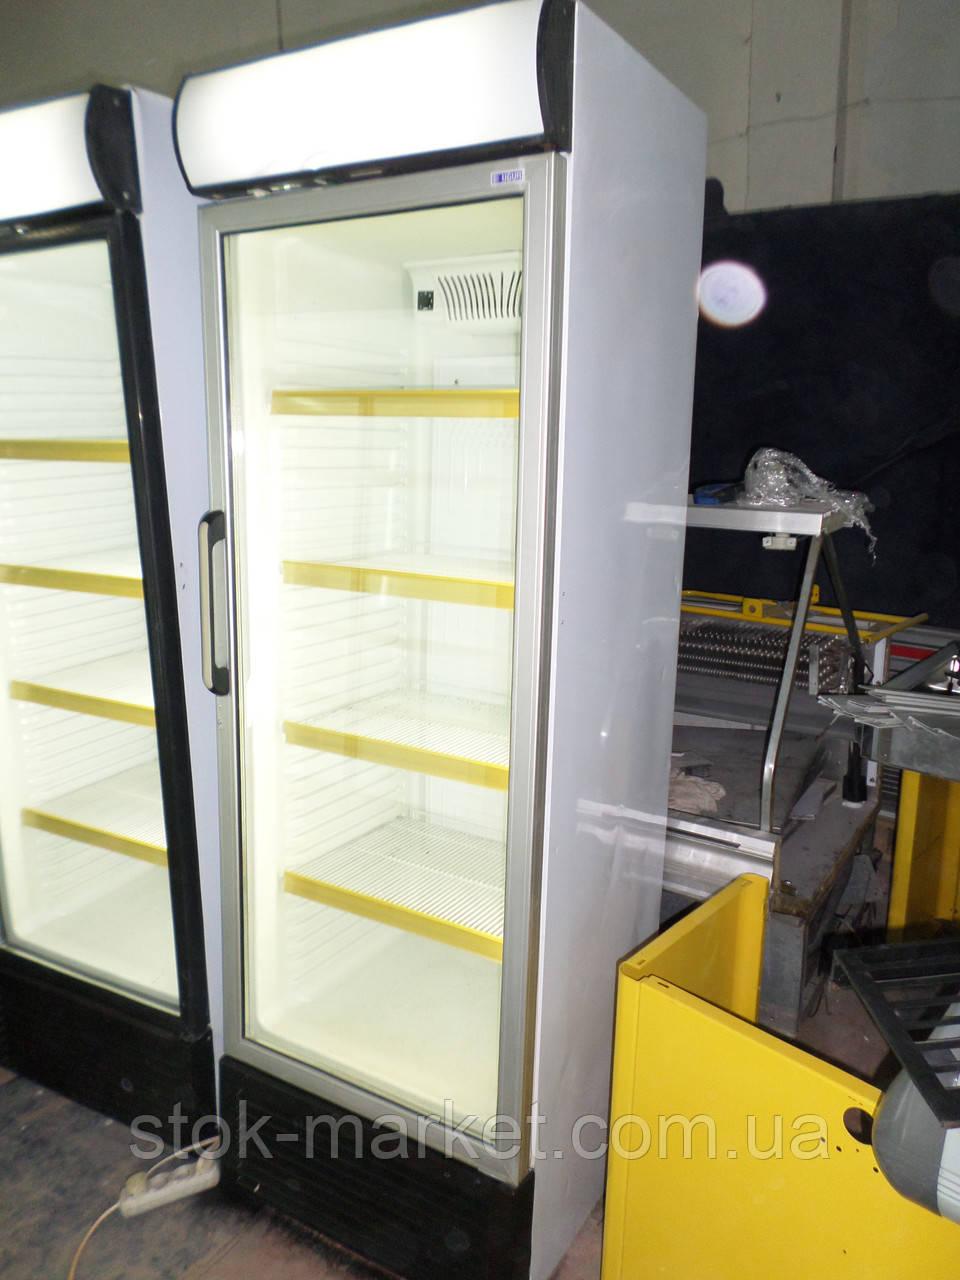 Холодильный шкаф UGUR USS-440 DTKL б/у, Холодильный шкаф б у, холодильная камера б у, холодильная витрина б у,